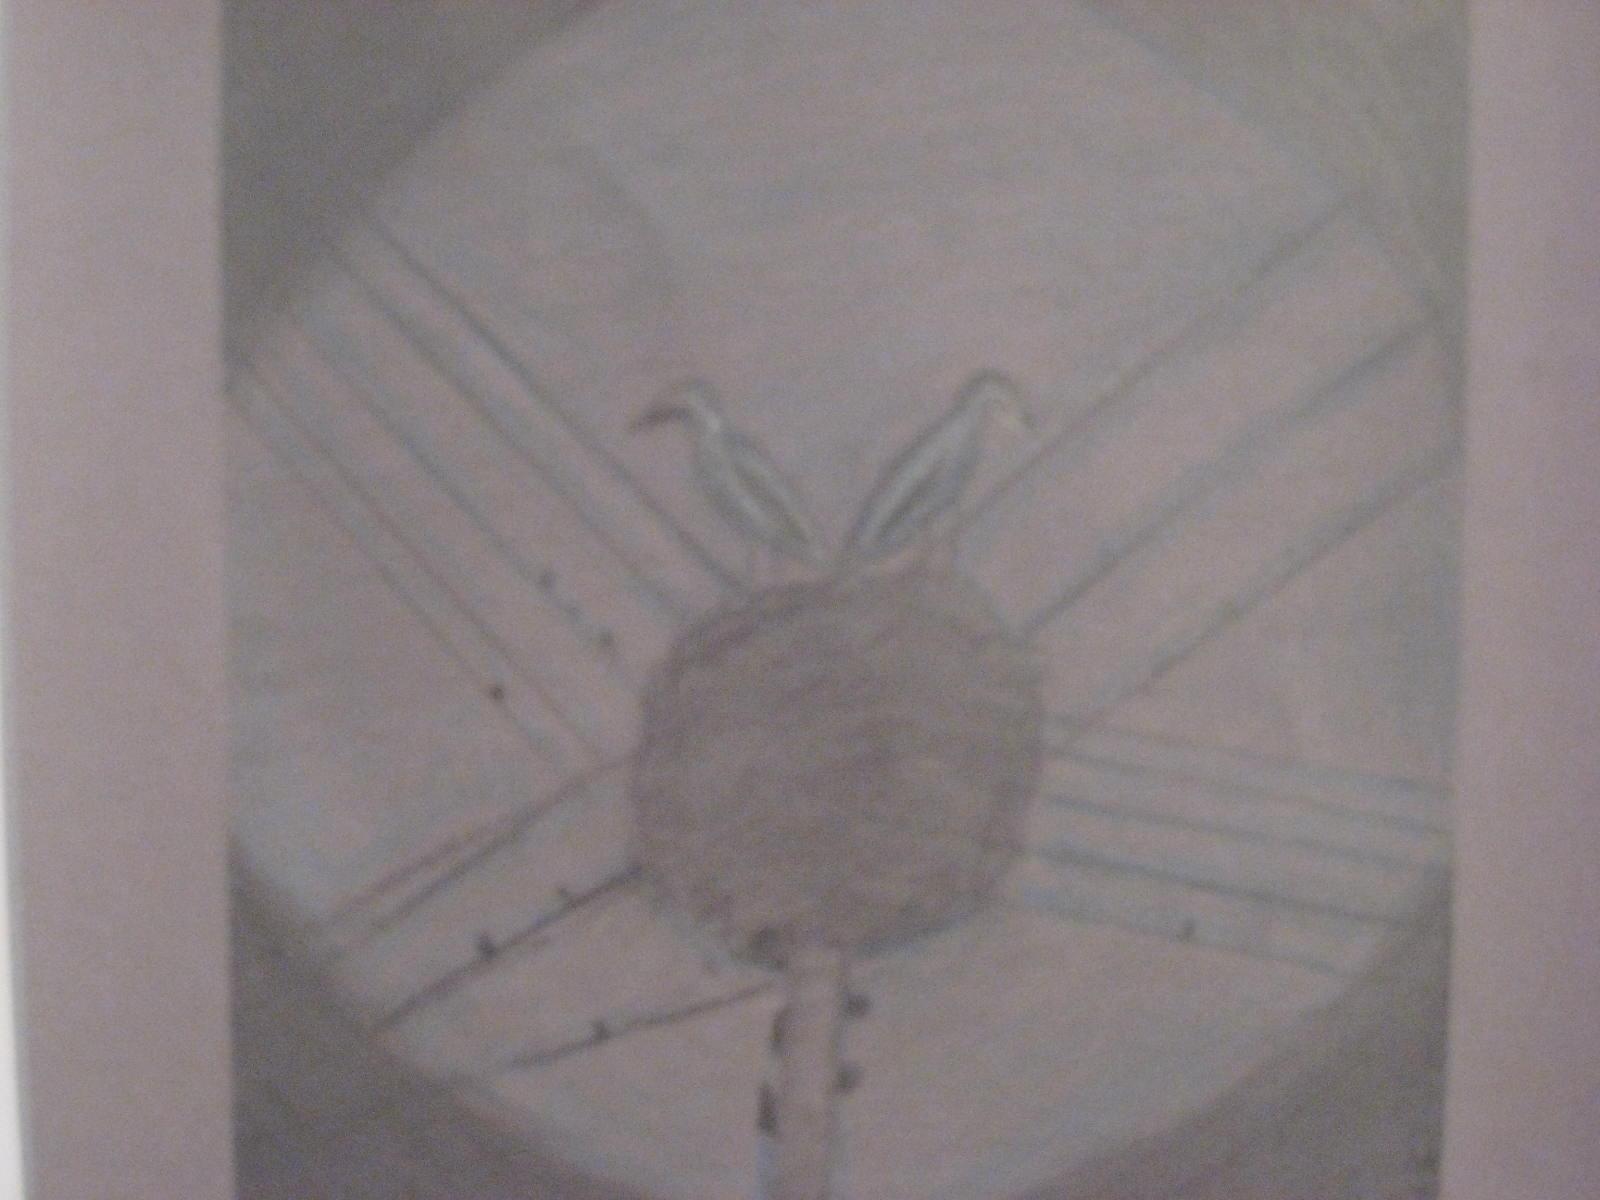 may 11 2012 661.jpg